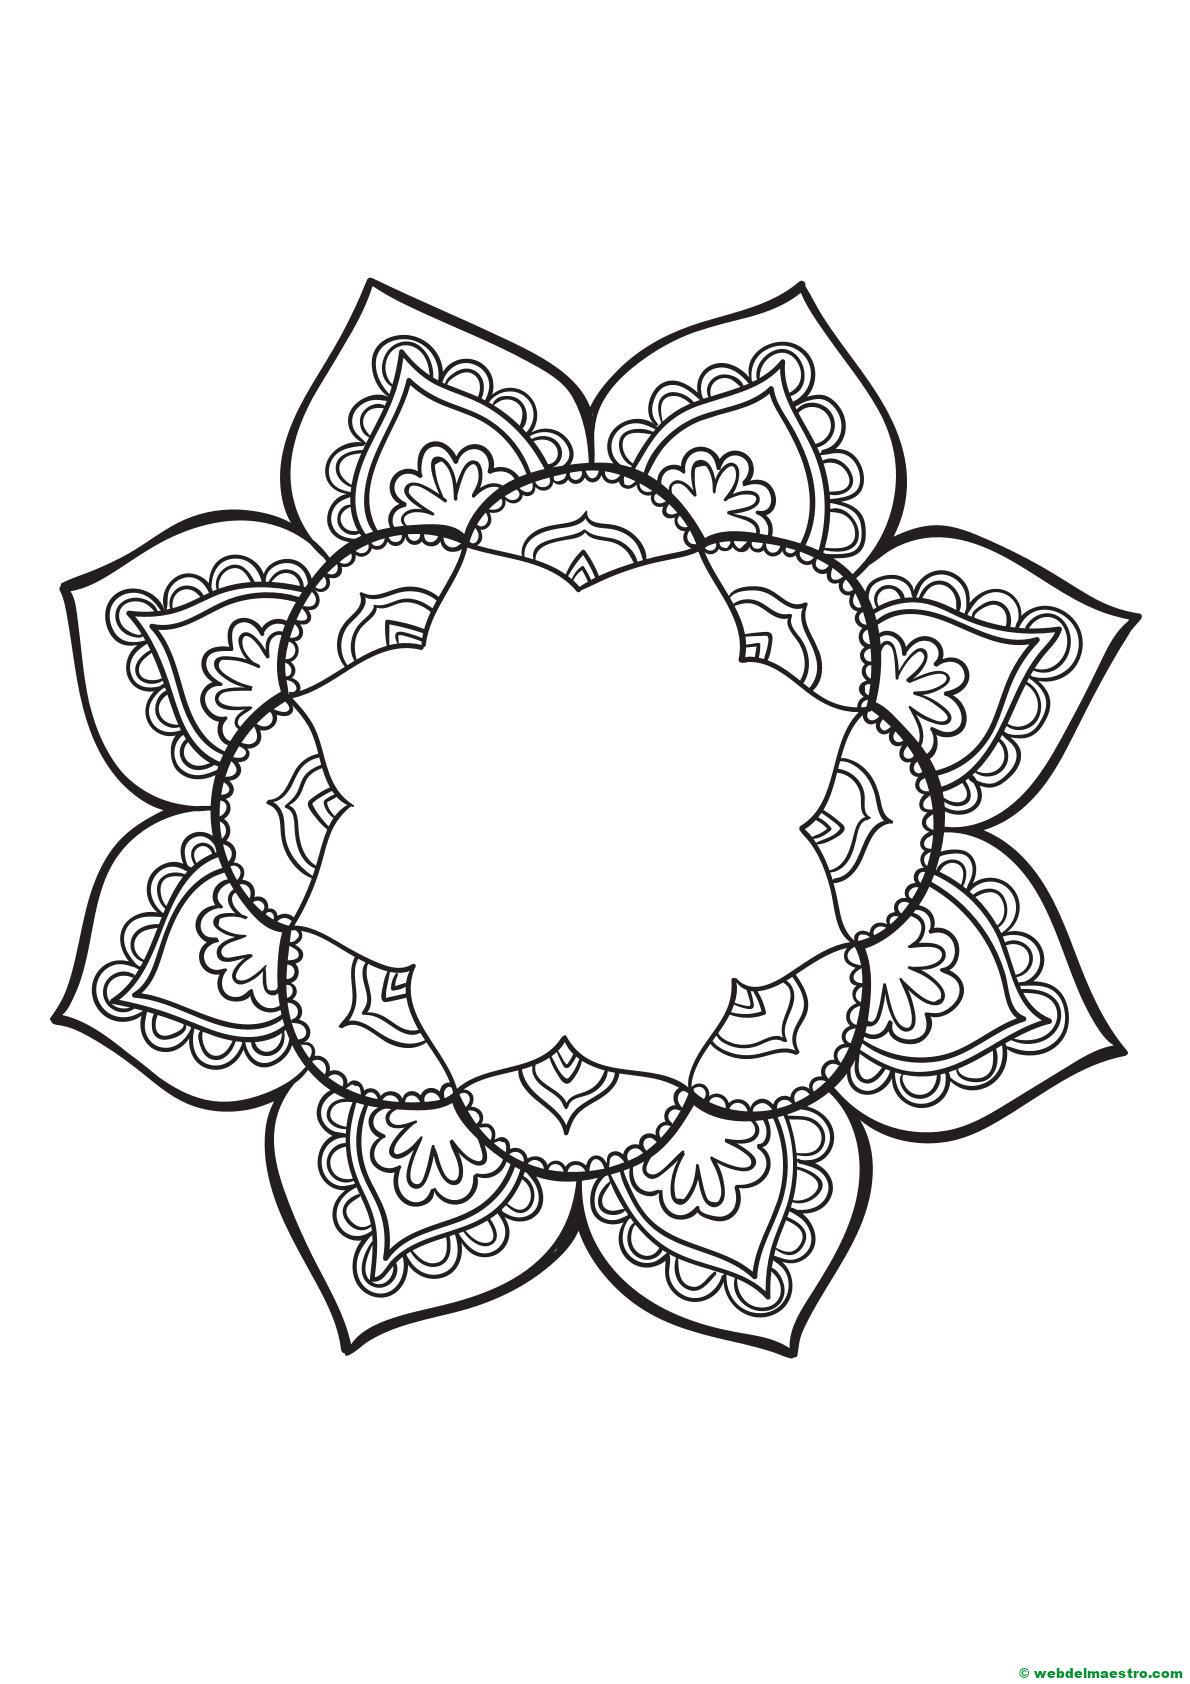 Mandala para colorear - Web del maestro